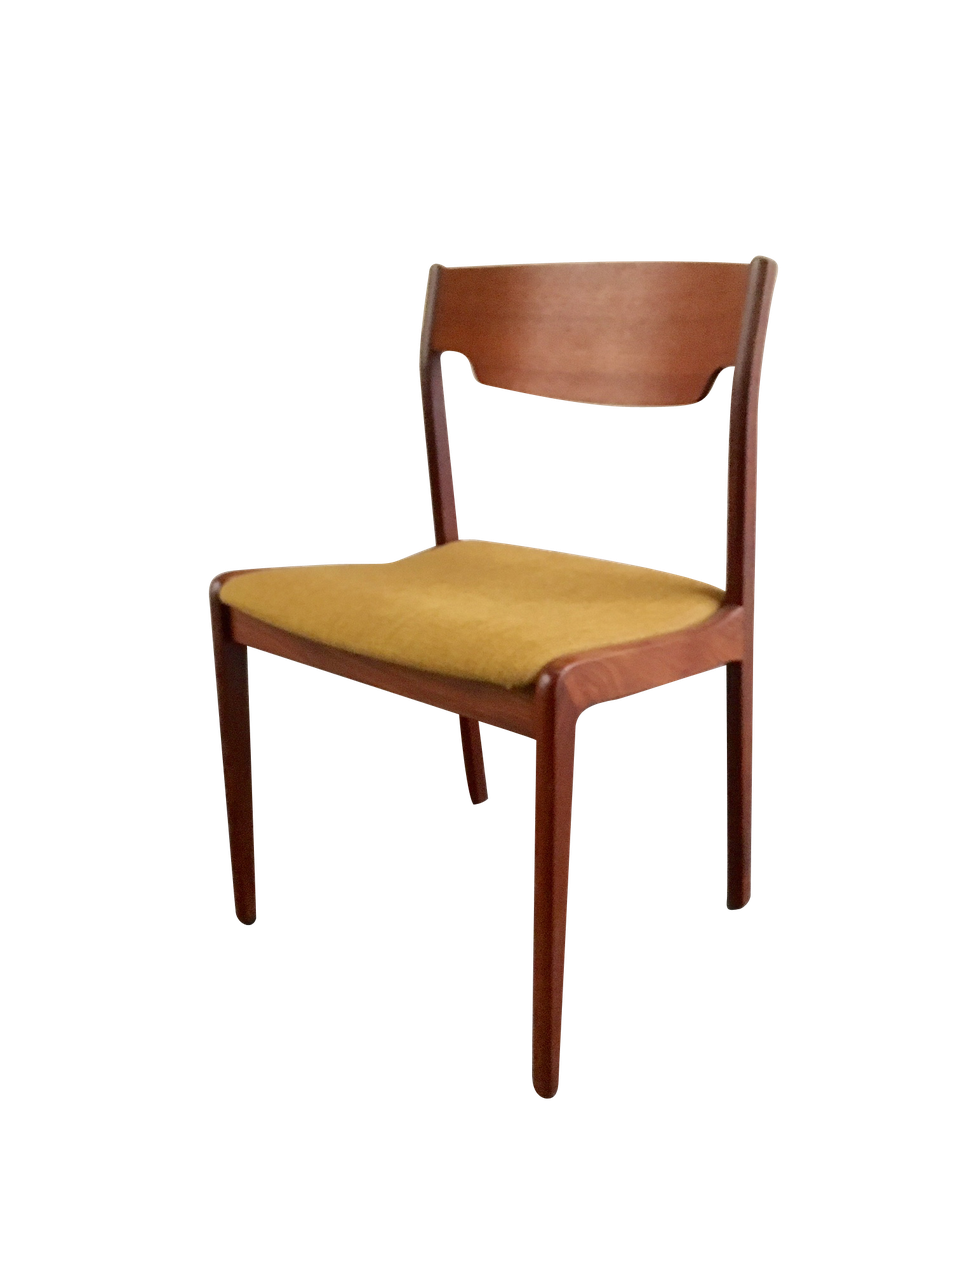 Chaise en tissu moutarde - Site de nordikmarket